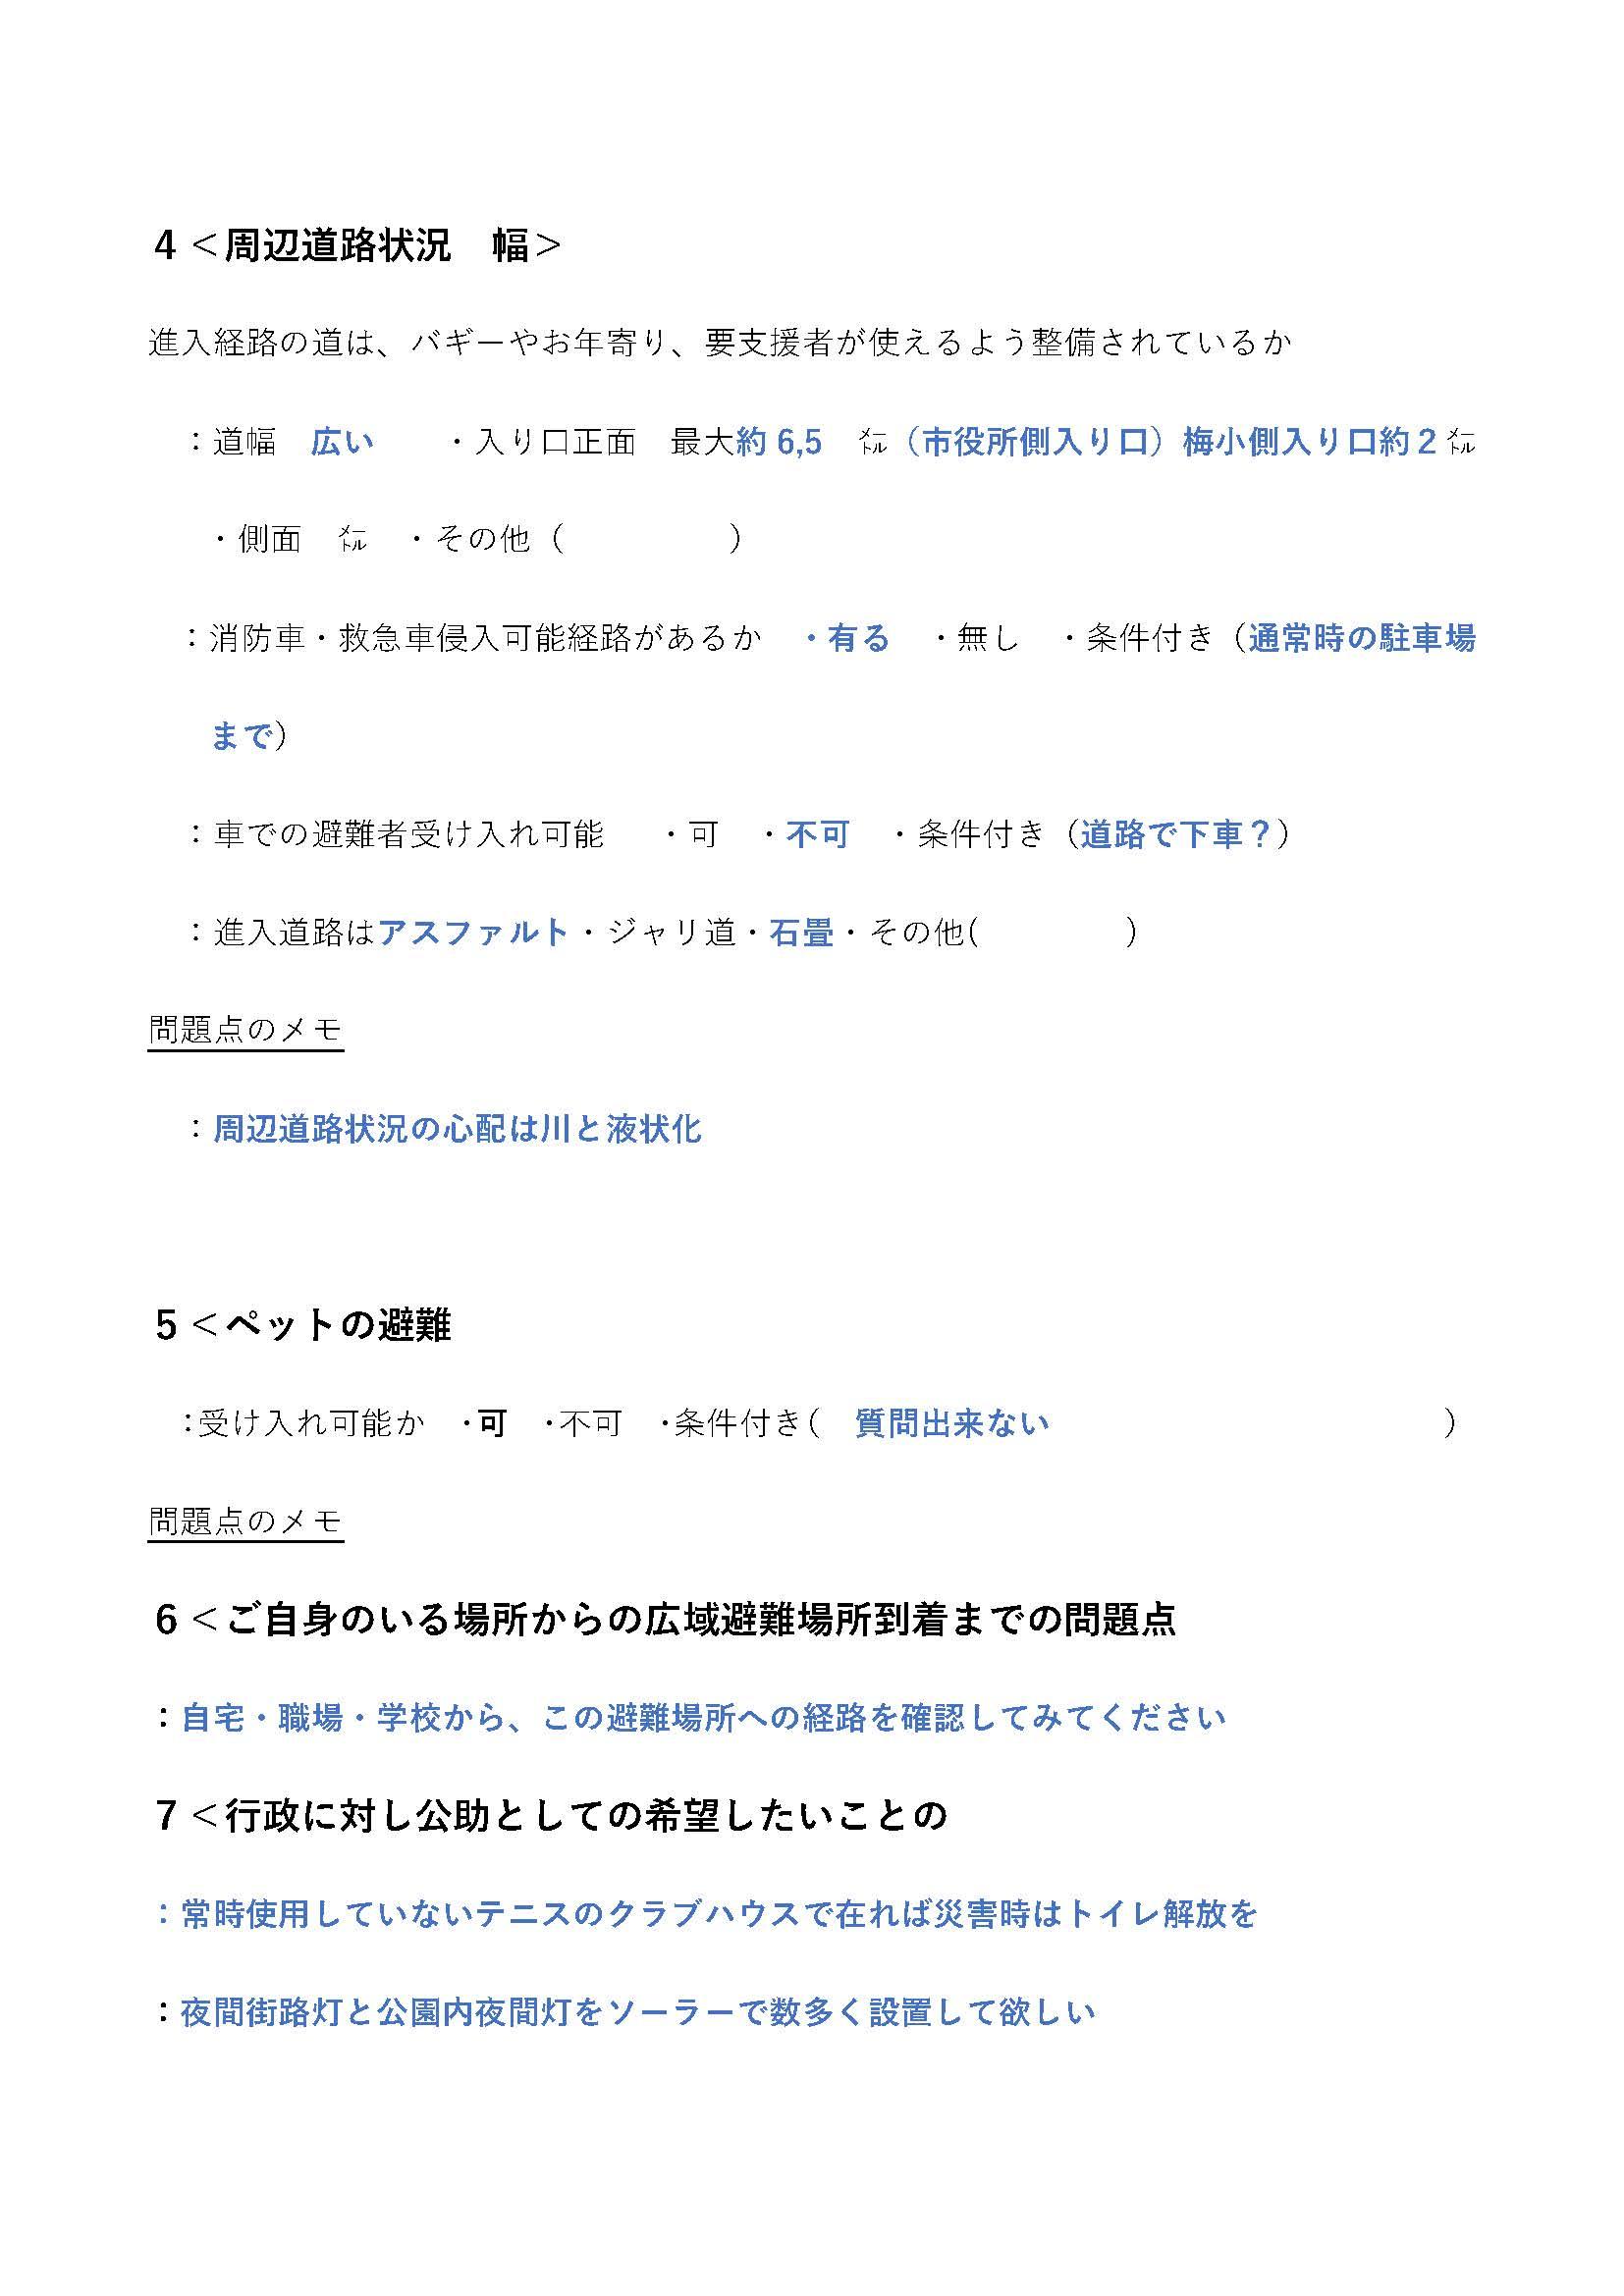 1-5新ーJパワー新広域指定ーマザーアース茅ヶ崎広域避難場所チェックシート_ページ_3